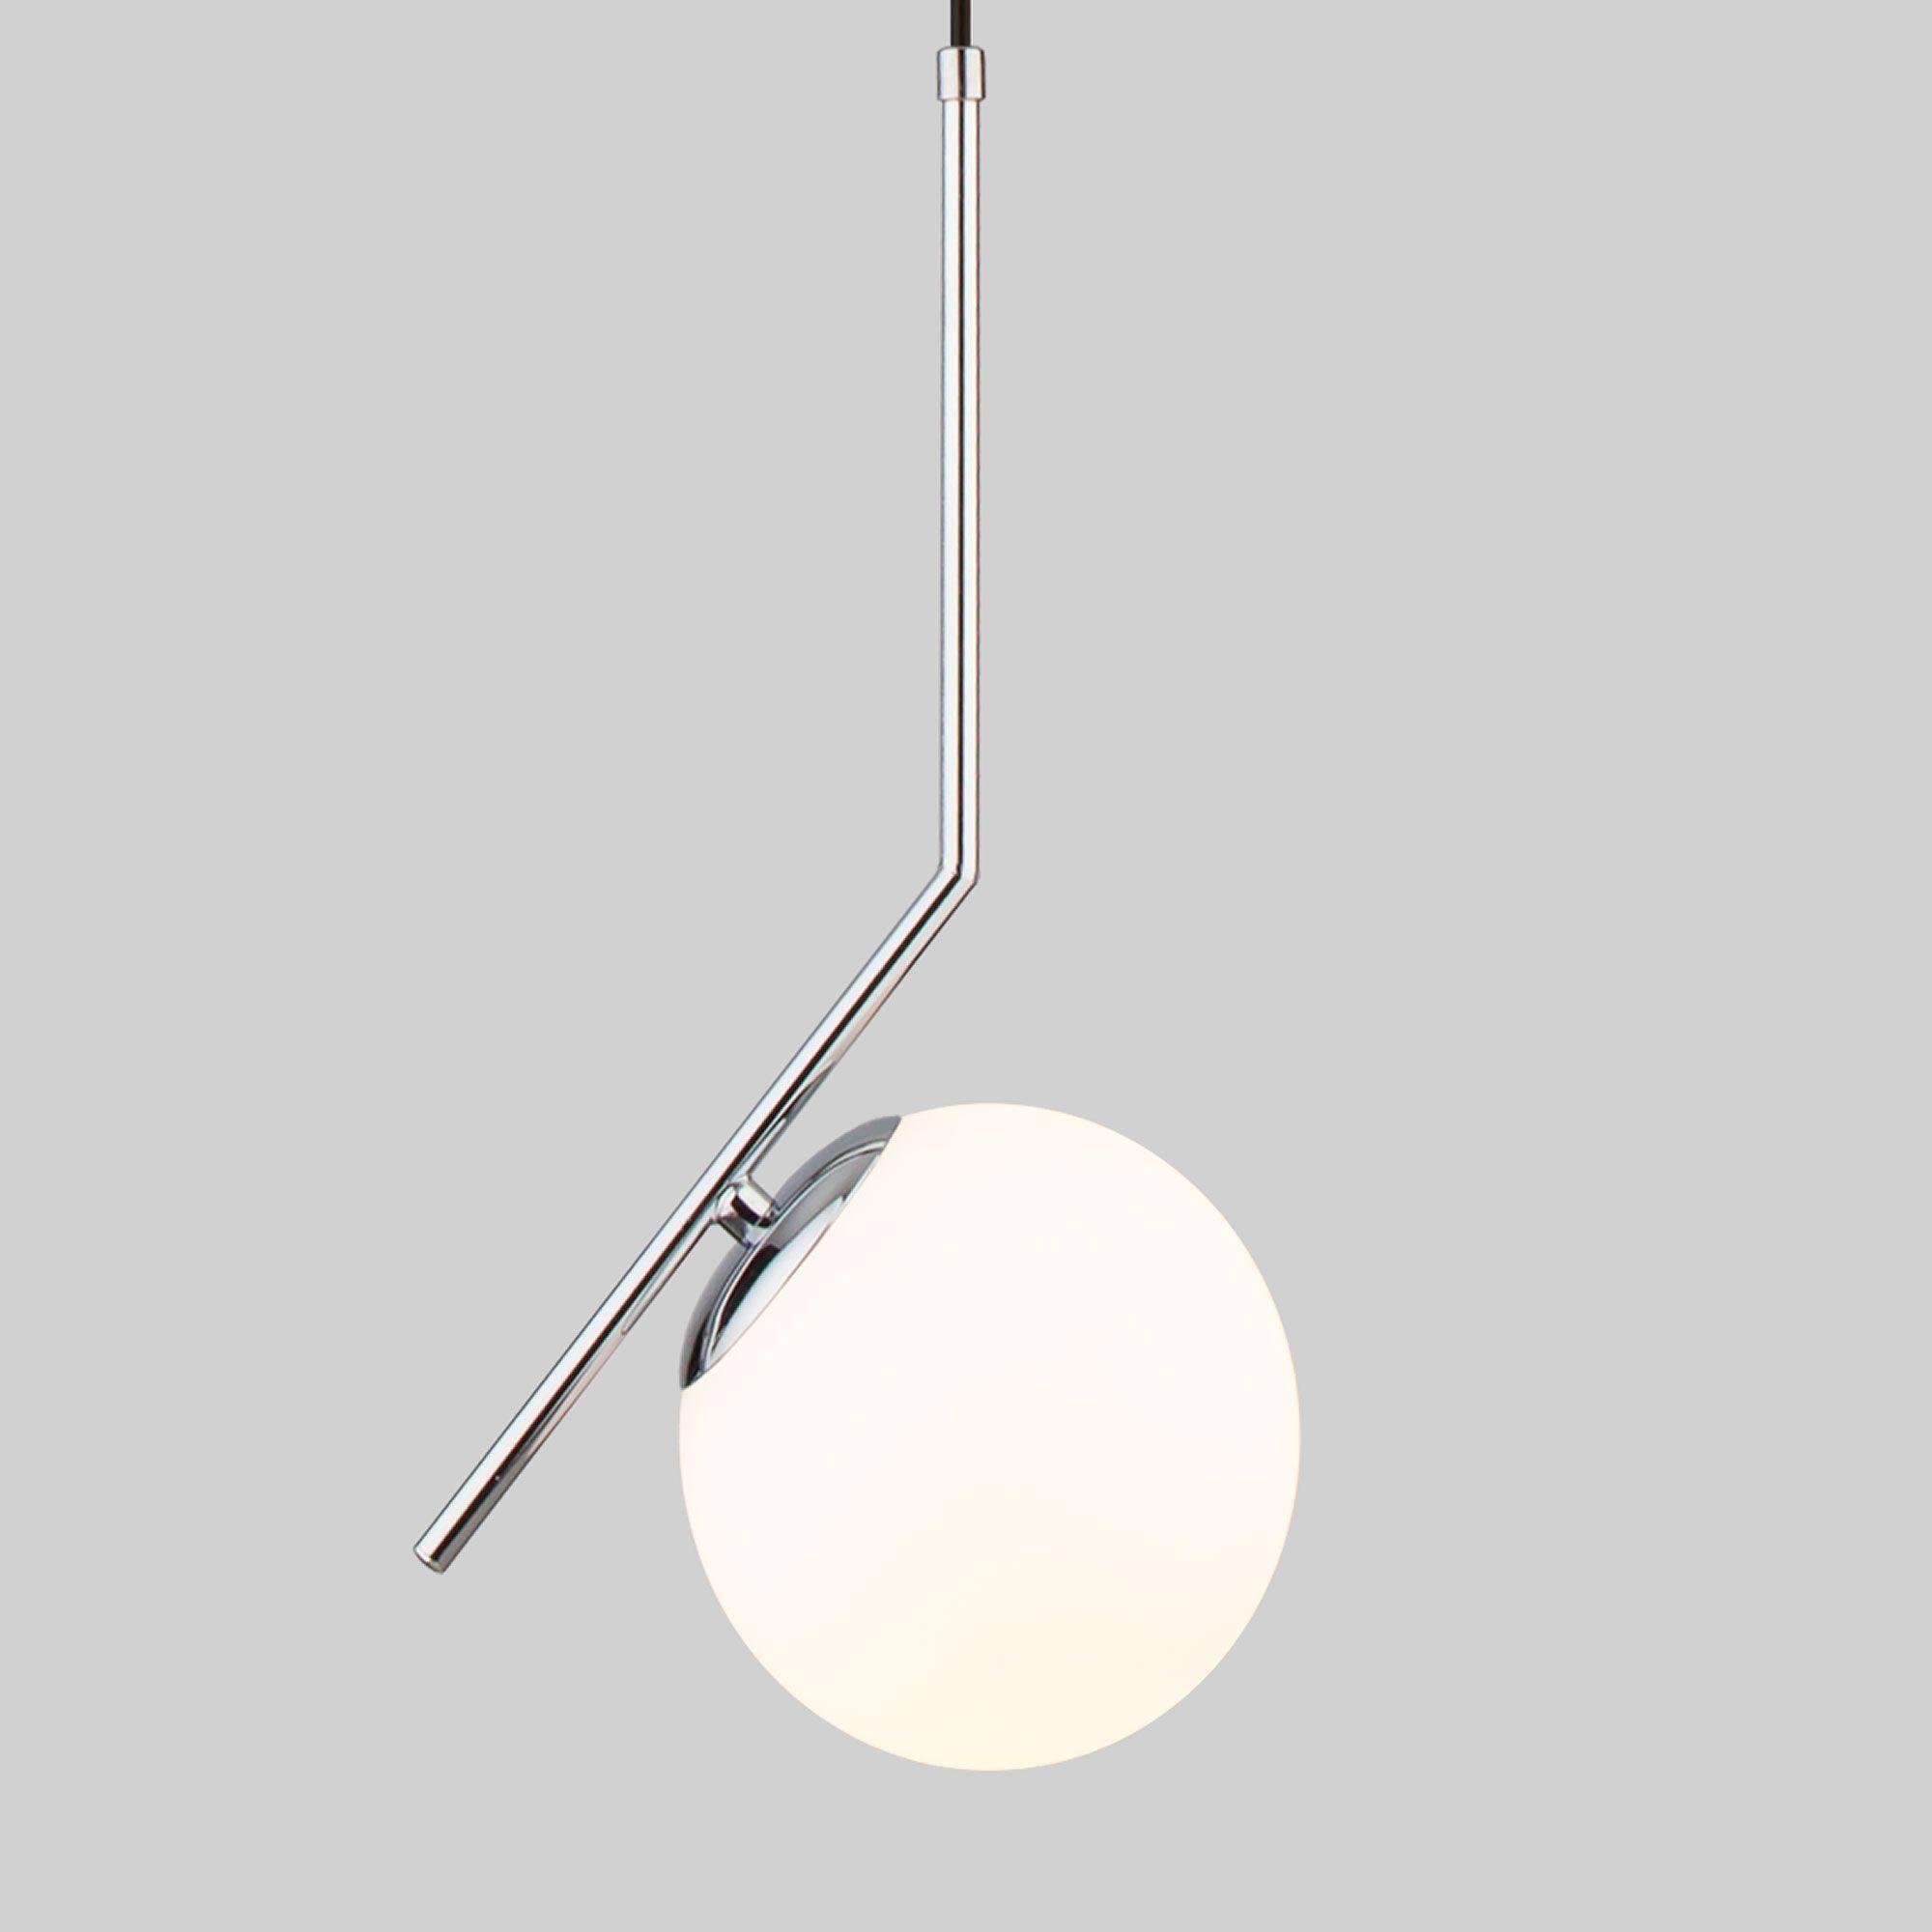 Подвесной светильник с длинным тросом 1,8м 50160/1